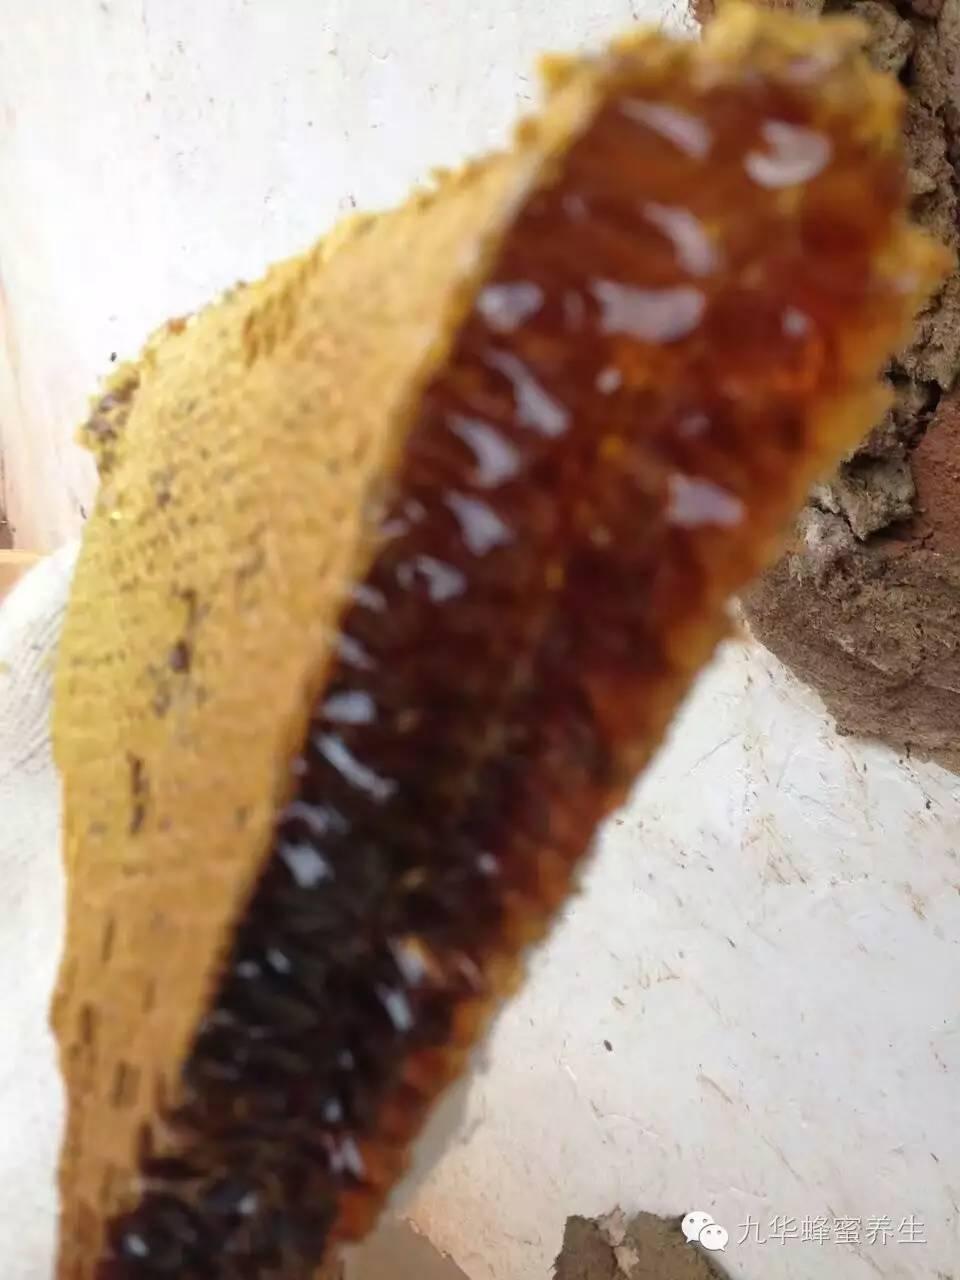 蜂皇浆 蜂蜜食用 Honey) 蜂蜜的功效 蜂王浆的作用与功效